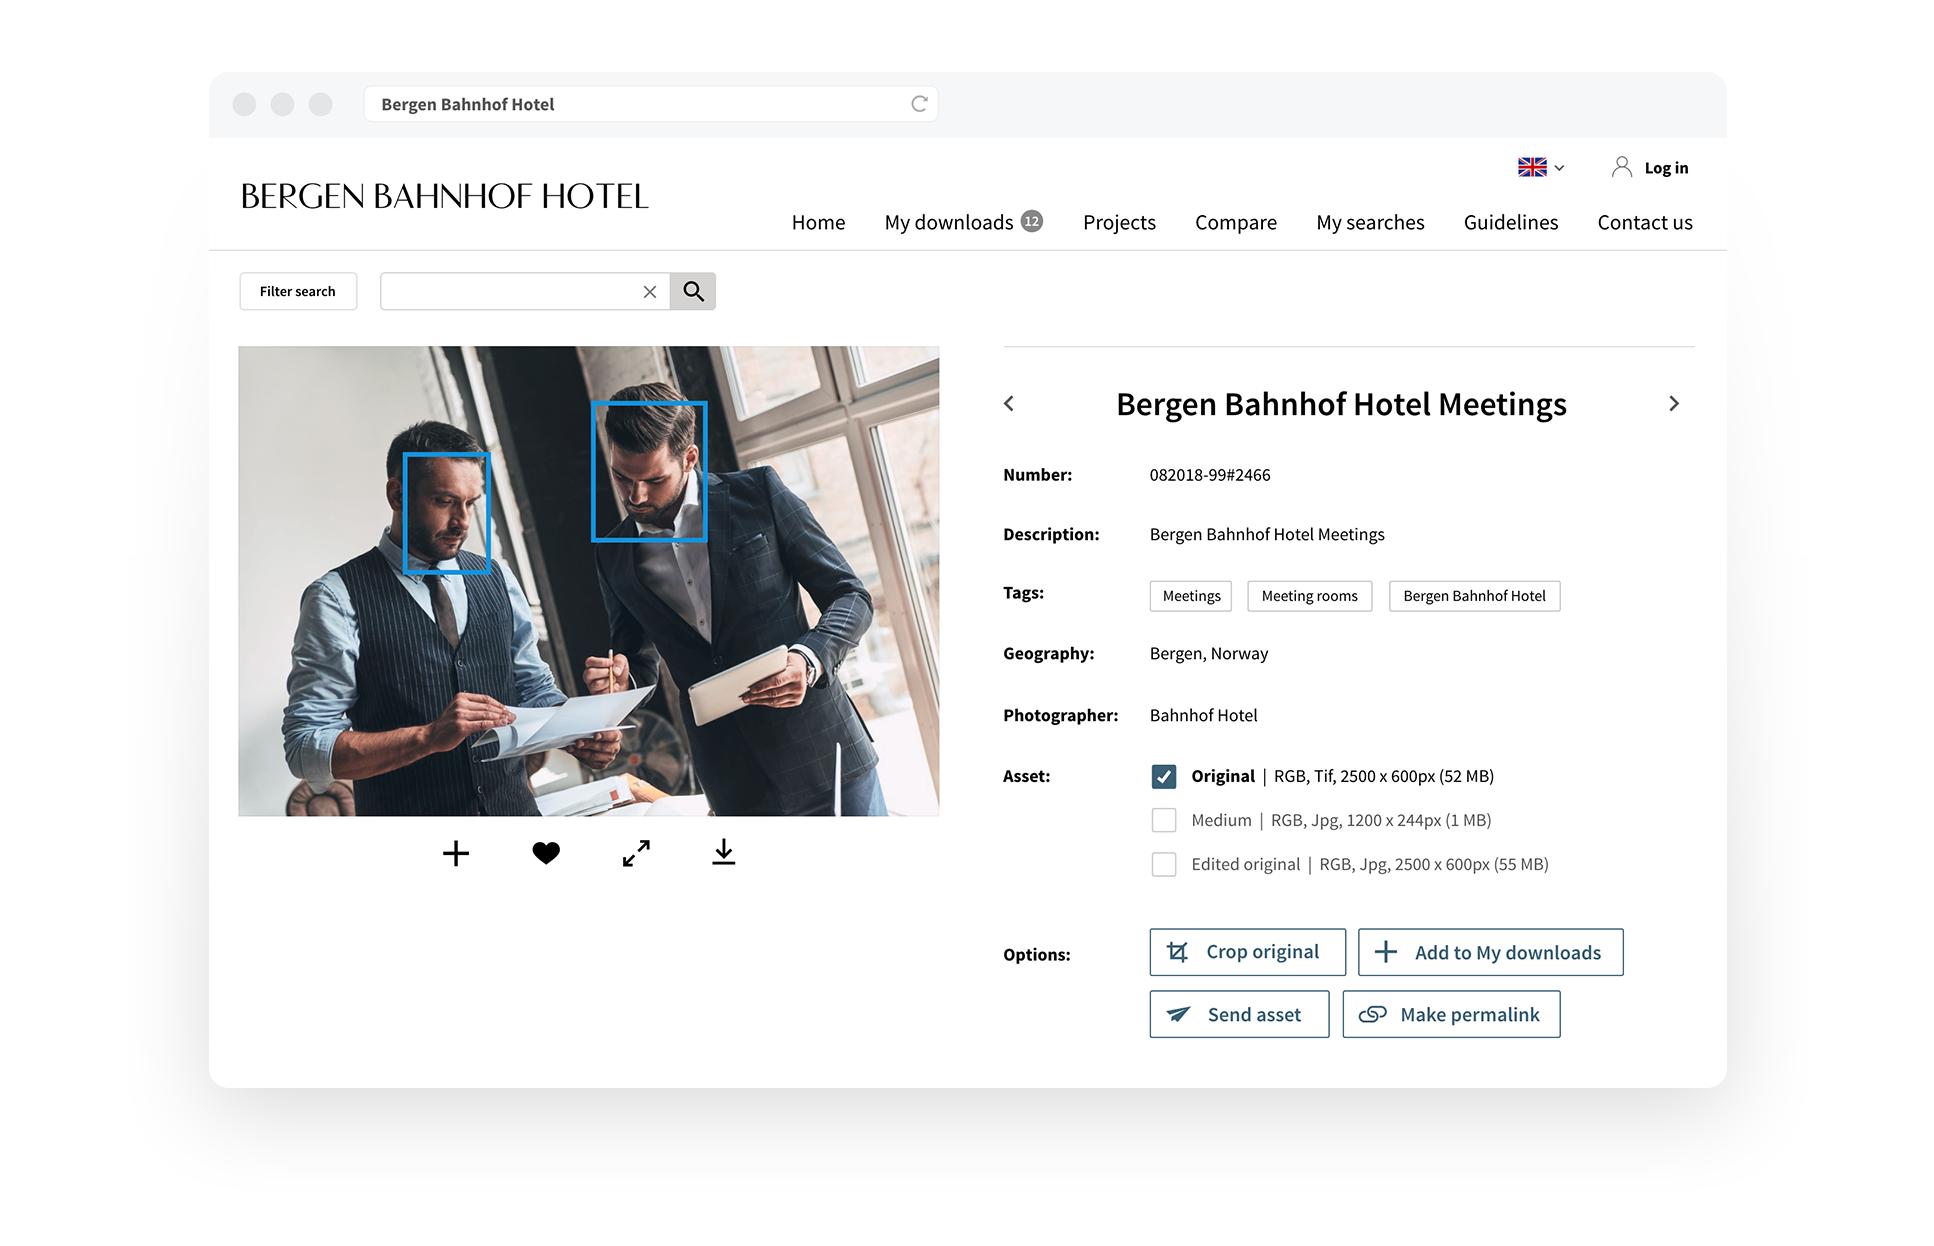 Bergen Bahnhof Hotel, face recognition